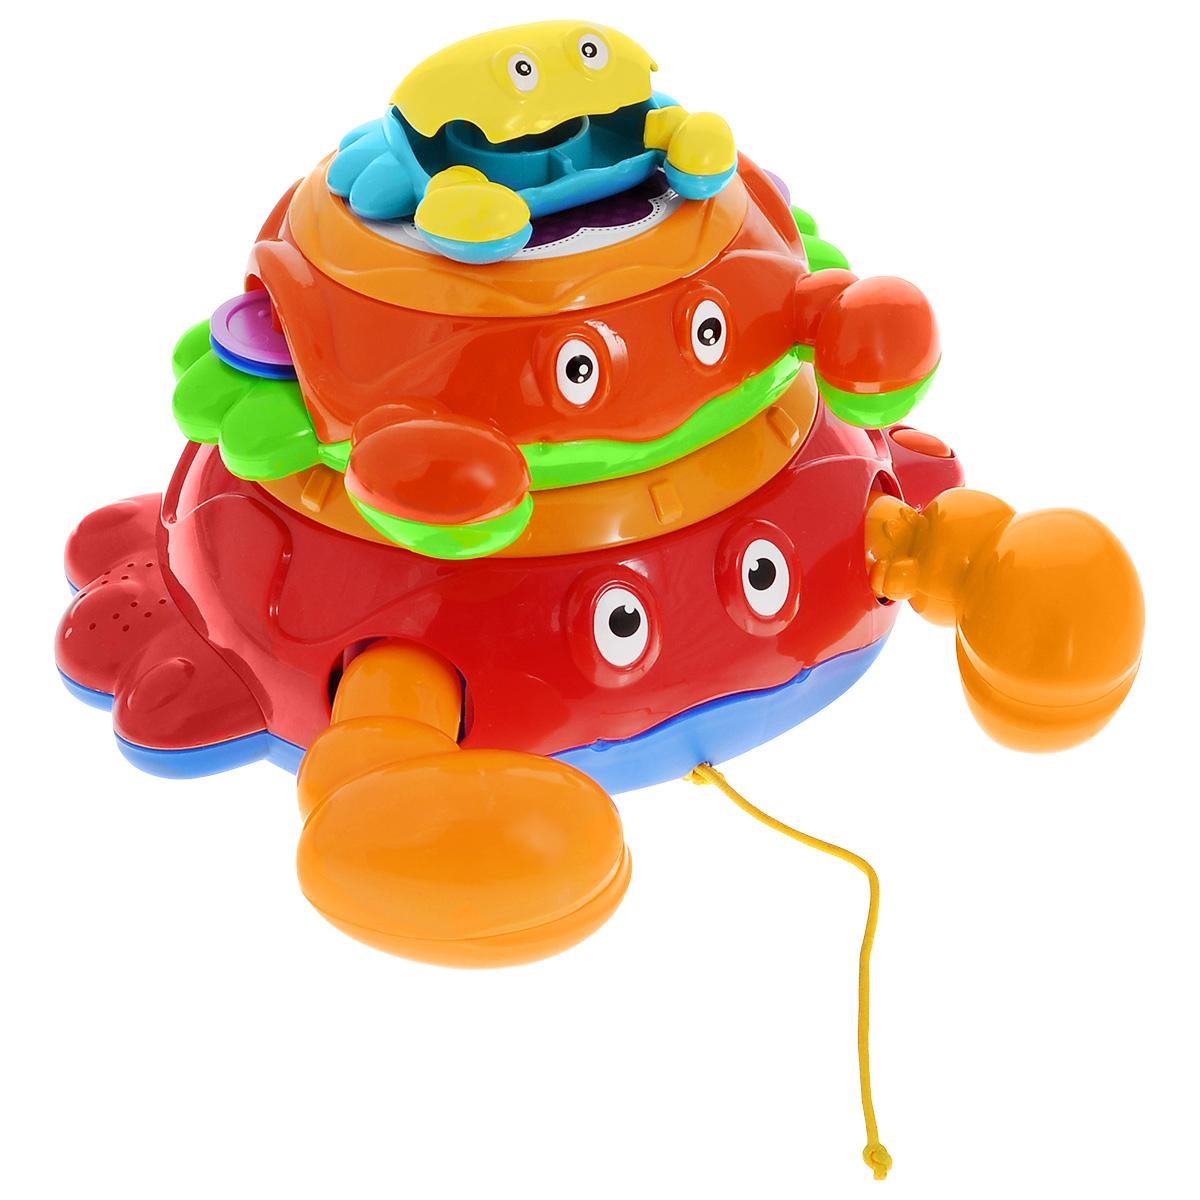 Музыкальная игрушка Малышарики КрабикиMSH0303-006Музыкальная игрушка Малышарики Крабики выполнена в ярком дизайне из высококачественных безопасных материалов. Игрушка представляет собой набор из трех красочных крабиков с различными звуками. Самый большой краб оснащен кнопками для смены мелодий, а также погремушкой и дудкой в виде его клешней. Крабик поменьше выполнен в форме барабана-бубна. Набор музыкальных крабиков подарит ребенку радость и хорошее настроение. Играя, малыш знакомится с цветами и звуками, развивает ловкость, мелкую моторику, мышление и творческие способности. Рекомендуемый возраст: 1-3 года. Для работы игрушки необходимы 3 батарейки напряжением 1,5V типа АА (не входят в комплект).